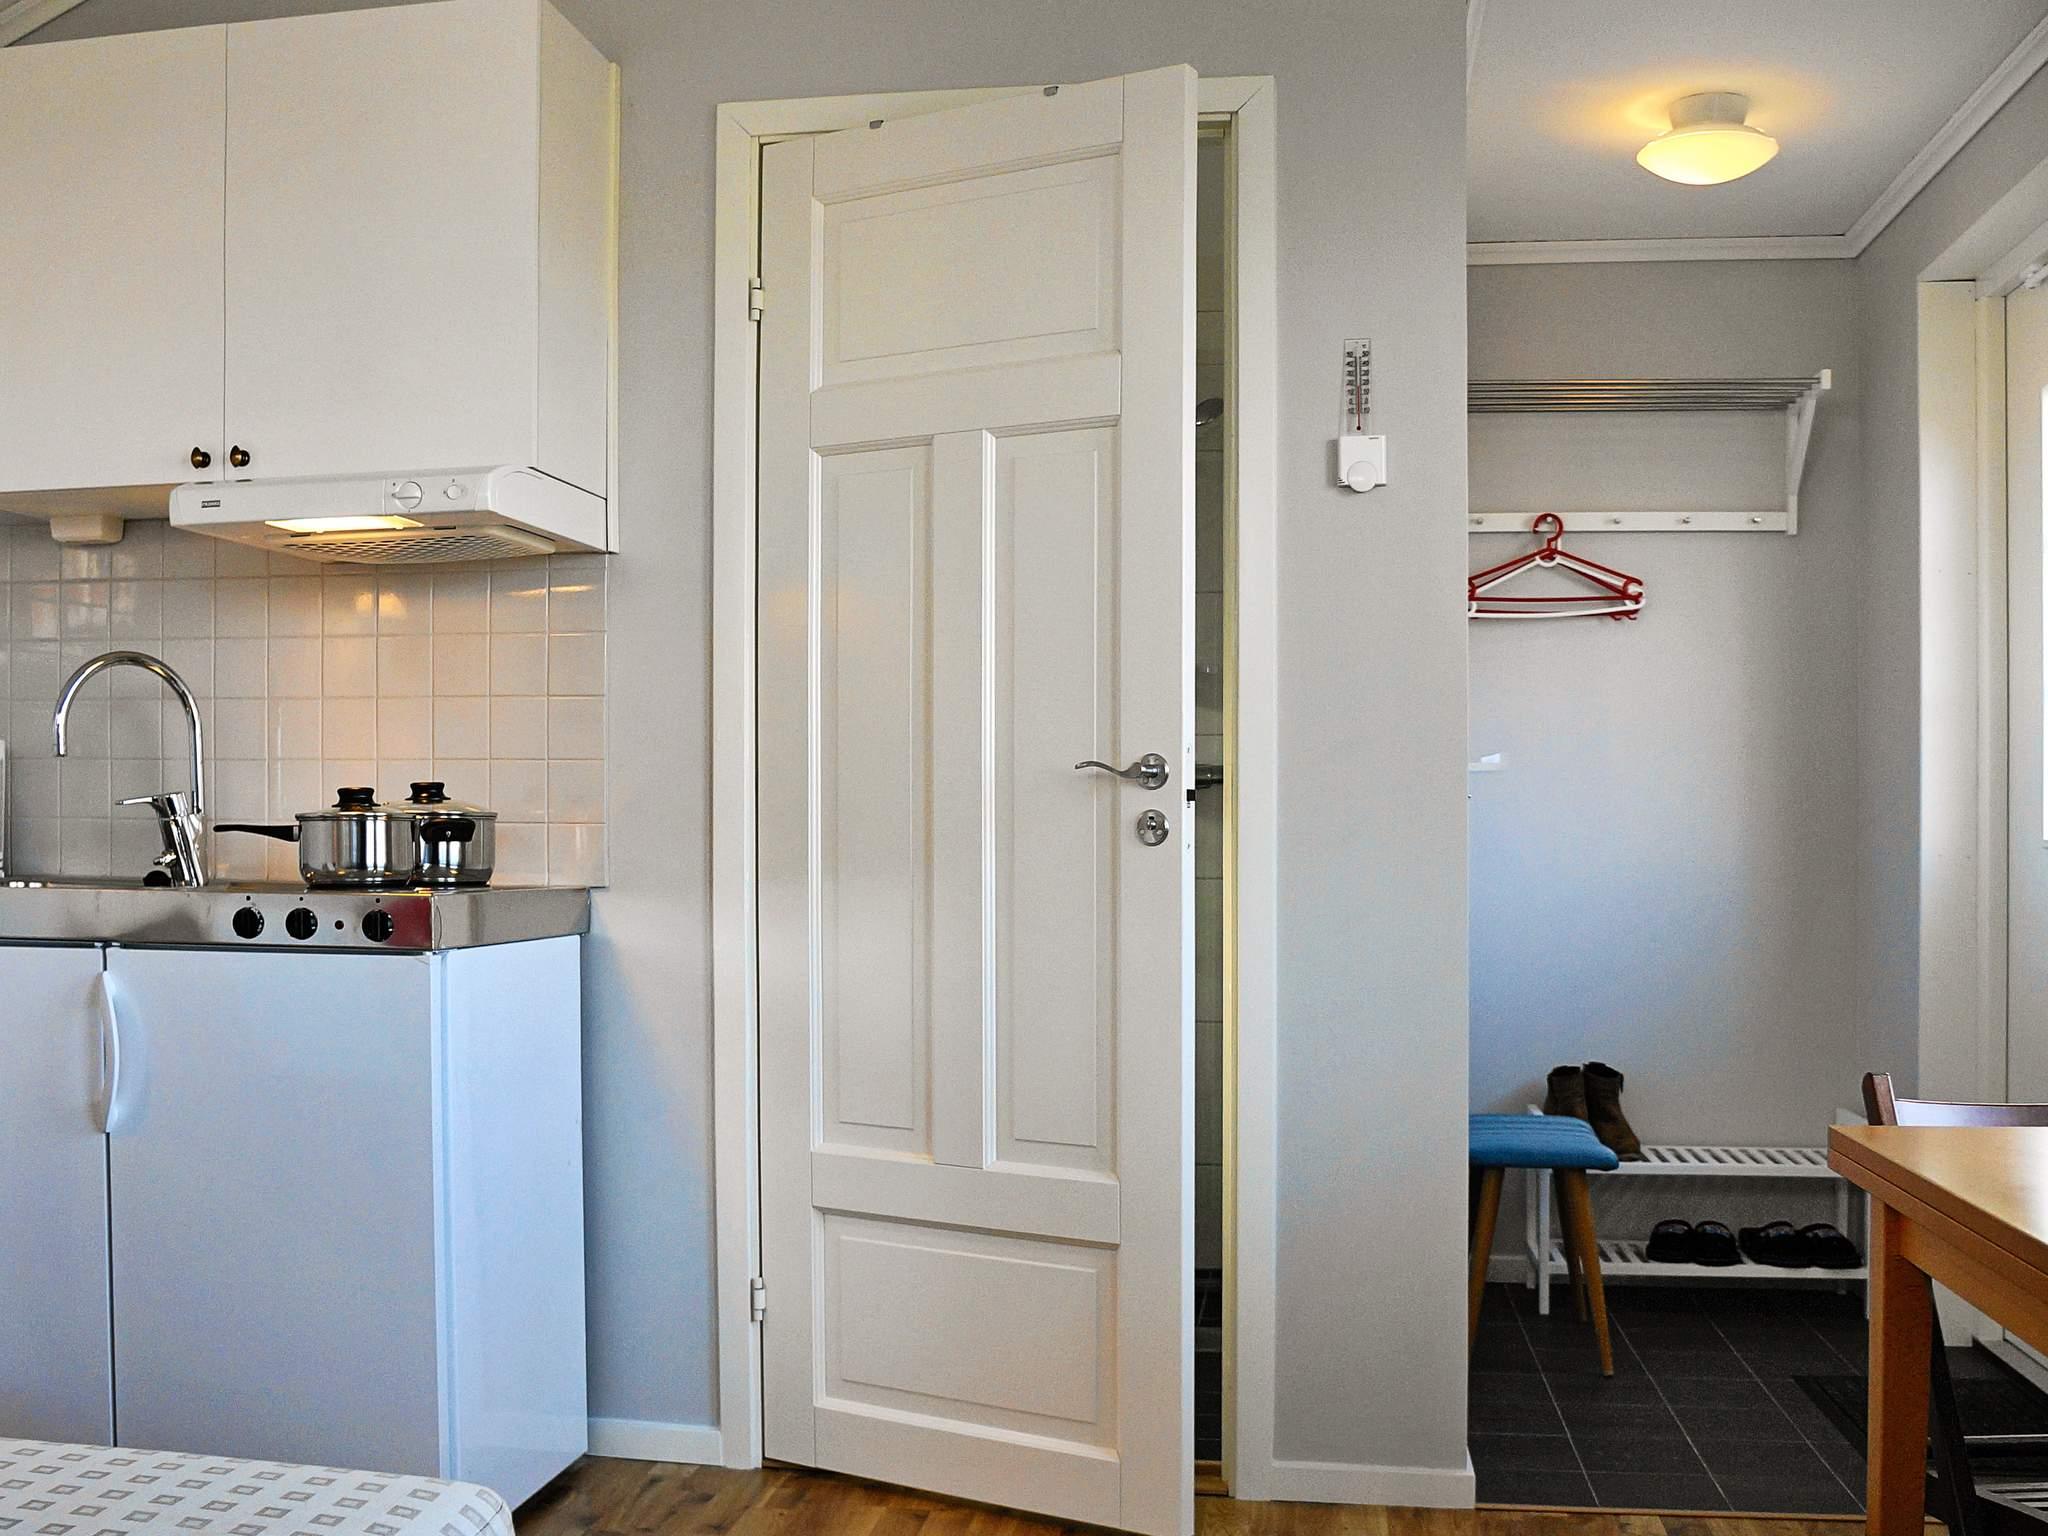 Ferienhaus Tjörn/Rönnäng (959982), Rönnäng, Tjörn, Westschweden, Schweden, Bild 9